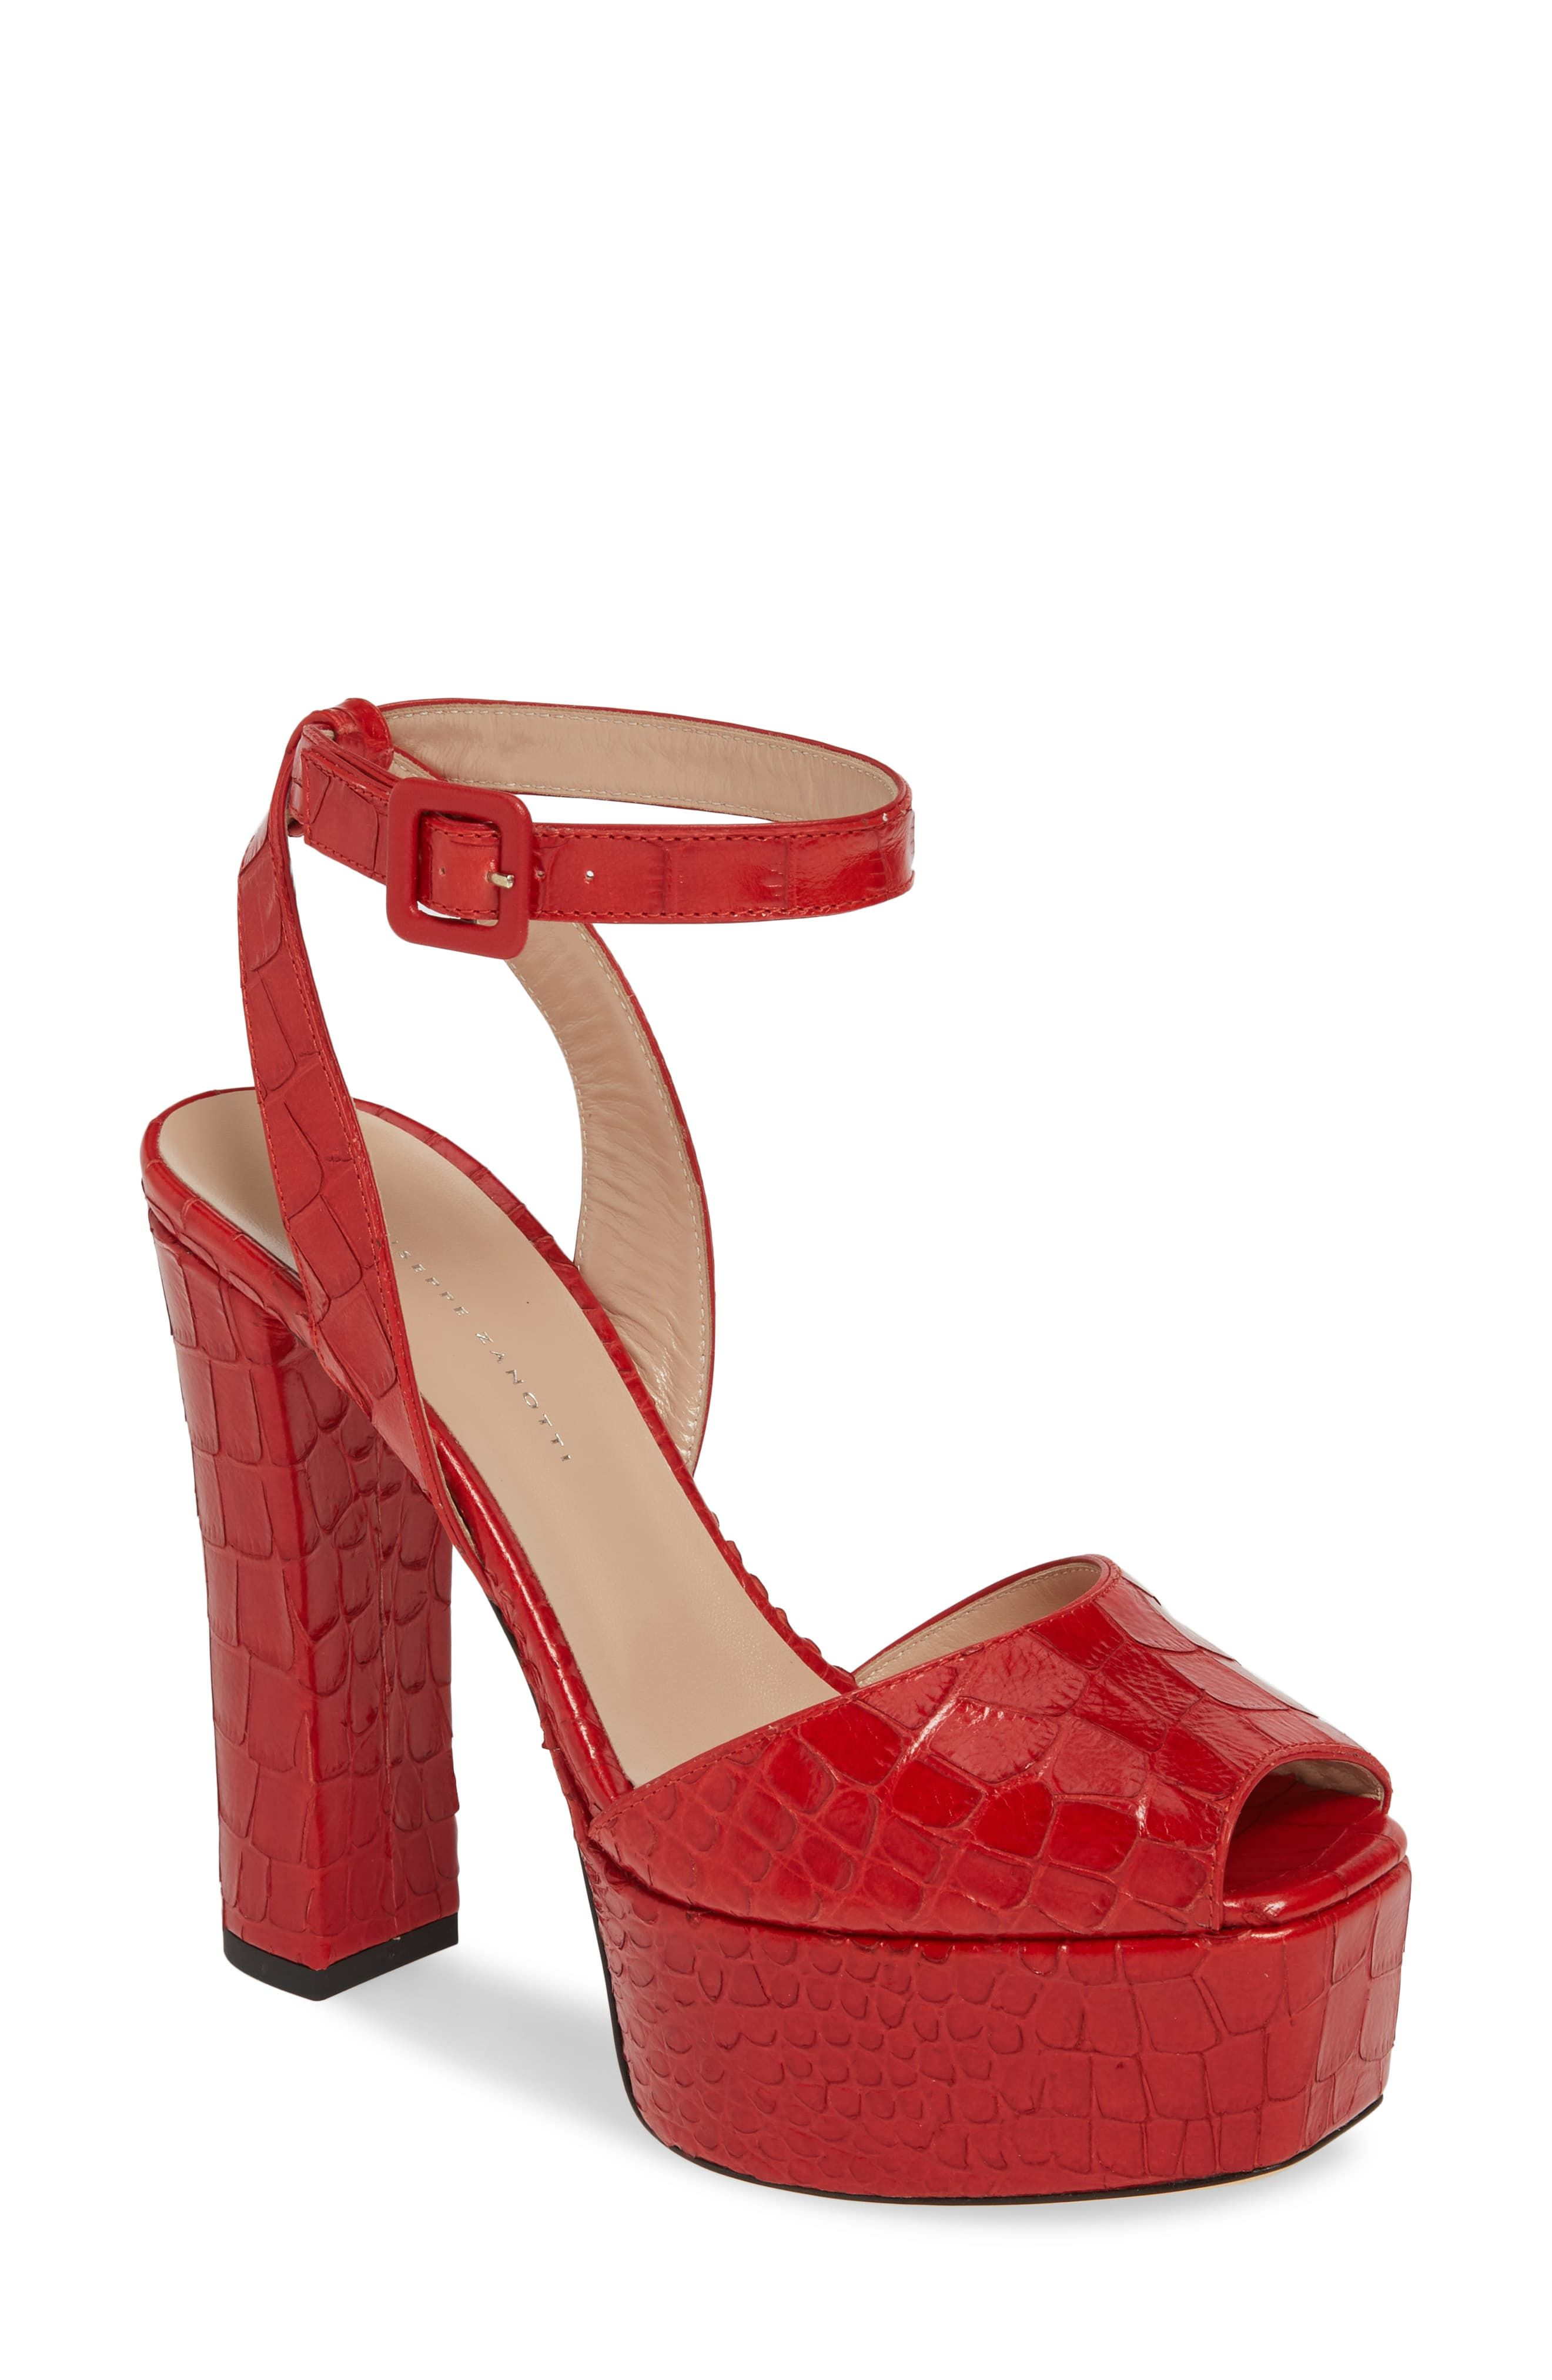 eb004ccba6dab Women's Guiseppe Zanotti Platform Block Heel Sandal, Size 11 M - Red